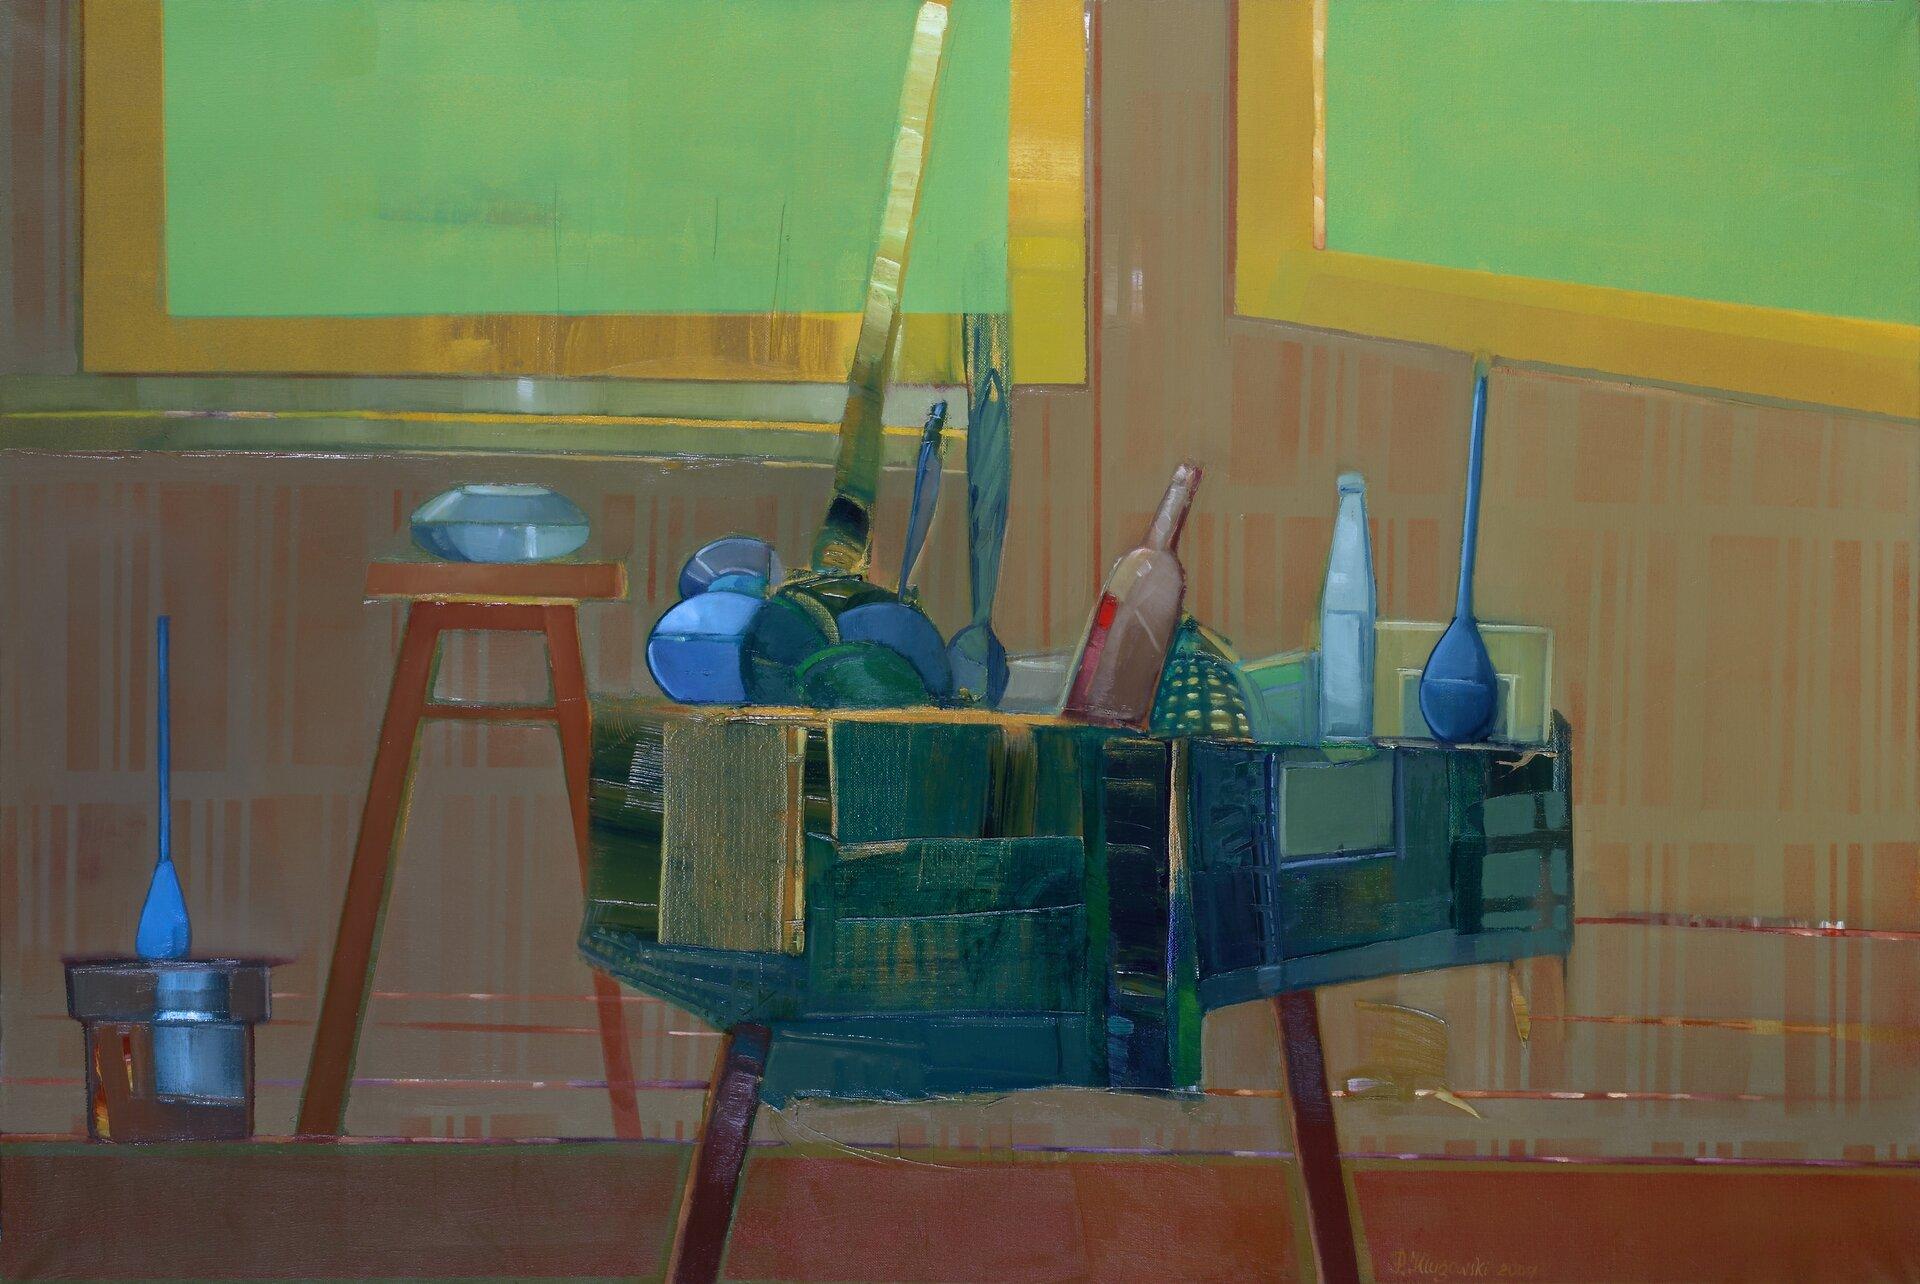 """Ilustracja przedstawia obraz olejny """"Martwa natura"""" autorstwa Piotra Klugowskiego. Dzieło ukazuje ustawiony we wnętrzu stolik zumieszconymi na nim podłużnymi iokrągłymi przedmiotami przypominającymi butelki, garnki ipatelnie. Ze stolika zwisa niebiesko-zielona draperia. Na dalszym planie obrazu znajduje się brązowa ściana zzawieszonymi na niej obrazami ozielonych płaszczyznach płótna izłotych ramach. Pod ścianą, po lewej stronie, stoi wysoki, brązowy stołek zniebieskim naczyniem aobok niego brązowo-niebieskie wiadro. Obraz cechuje się dużym, niemal kubistycznym uproszczeniem form. Dla artysty nie jest ważny detal. Przy pomocy prostych środków wyrazu stara się oddać charakter przedstawionych przedmiotów. Praca wykonana została wchłodnej, niebiesko-zielono-brązowej tonacji barw zakcentami złotych żółci."""